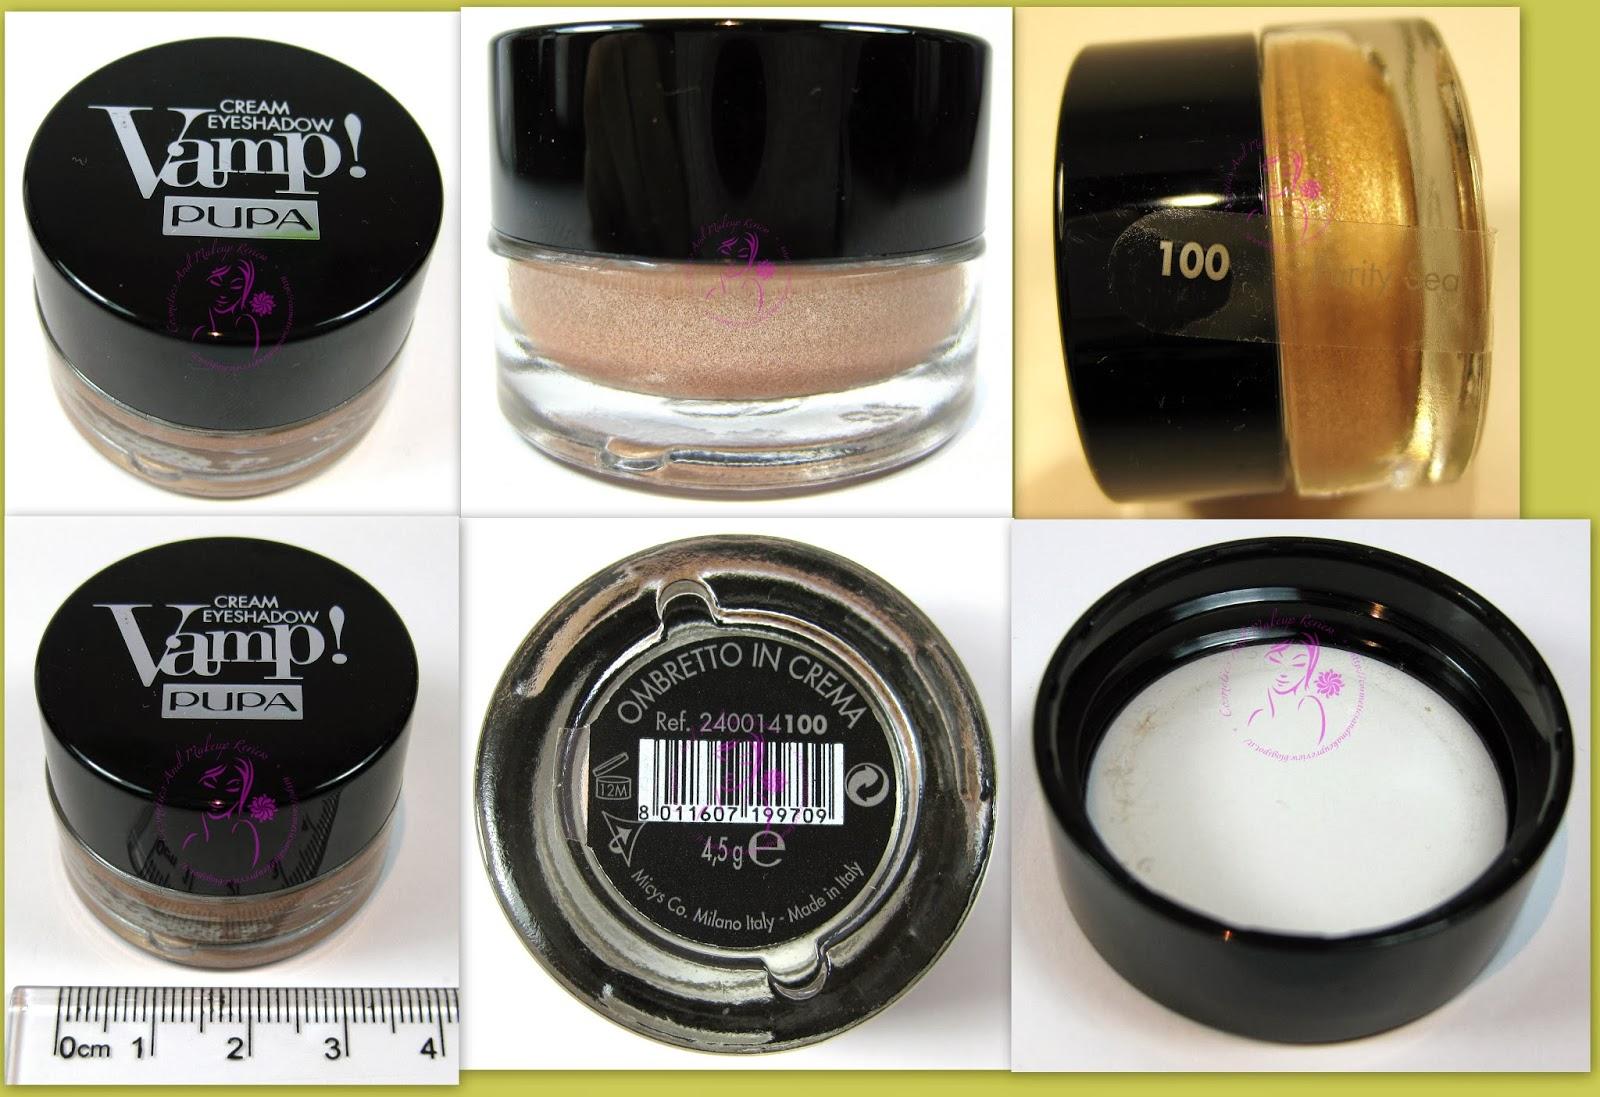 Pupa - Vamp! Cream Eyeshadow n° 100 - Champagne - packaging